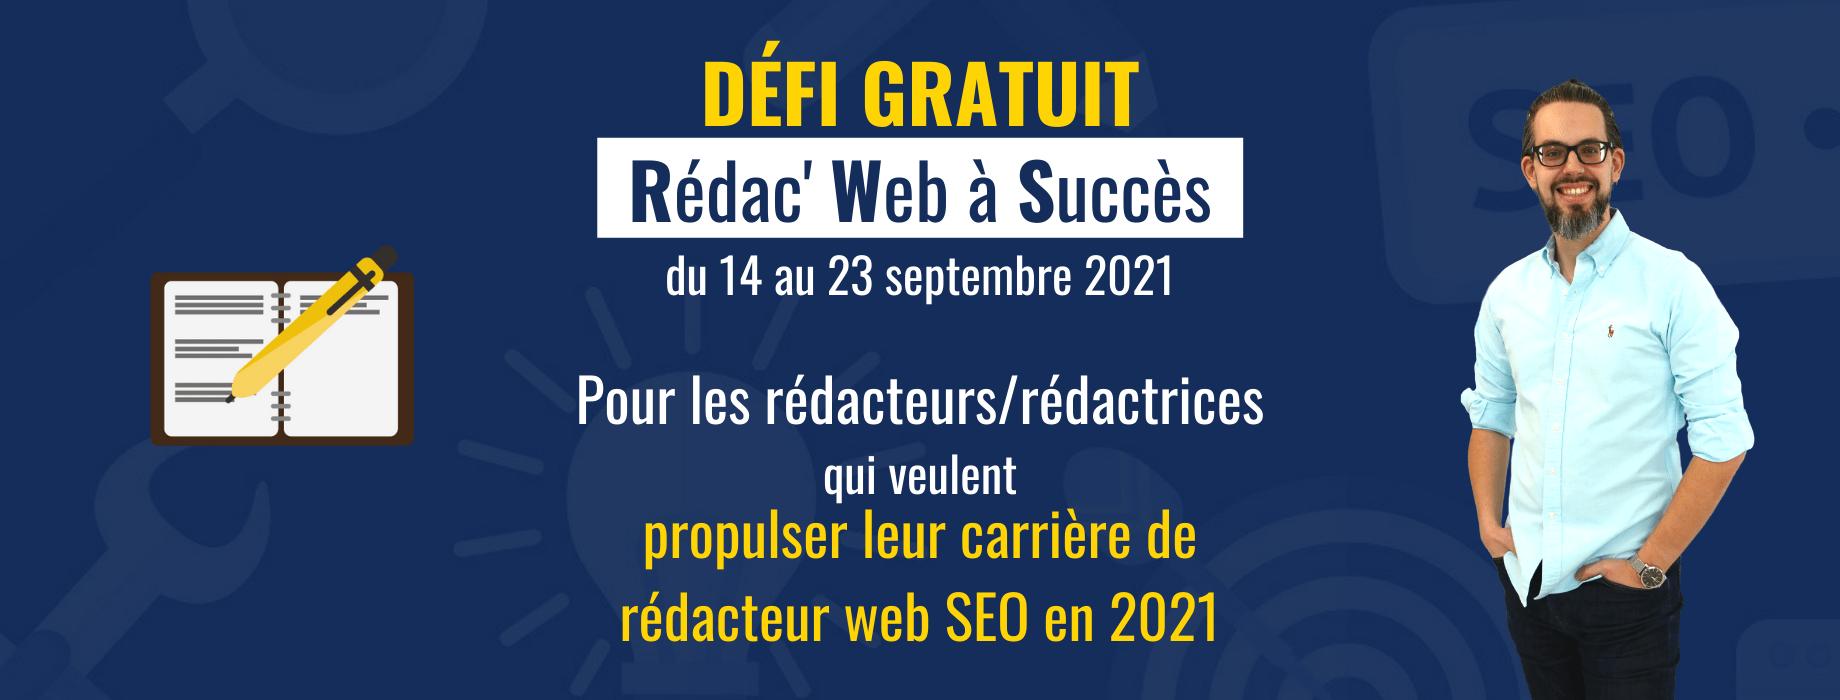 Rejoingez le défi Redac Web à succès